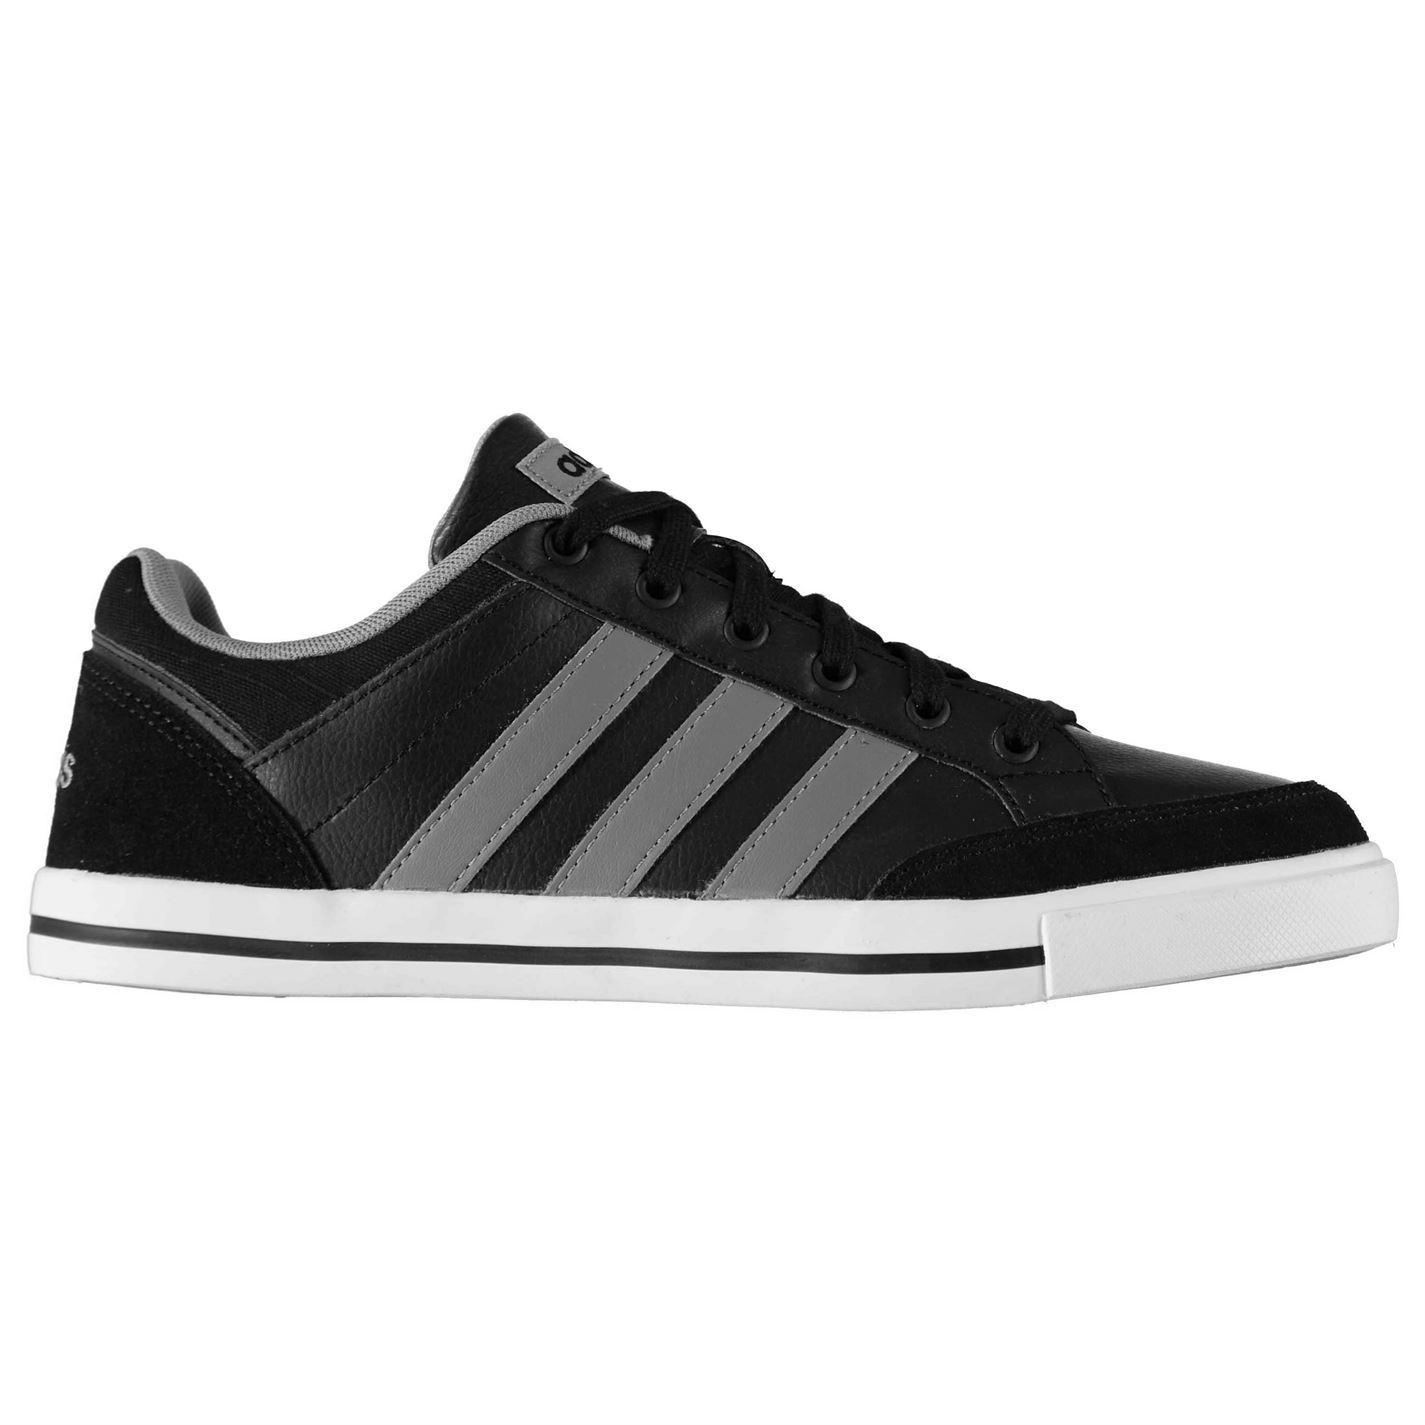 Adidas para hombre CACITY Cuero Tenis Zapatos Con Cordones Tobillo Collar De Gamuza Tobillo Cordones Acolchado 424f25